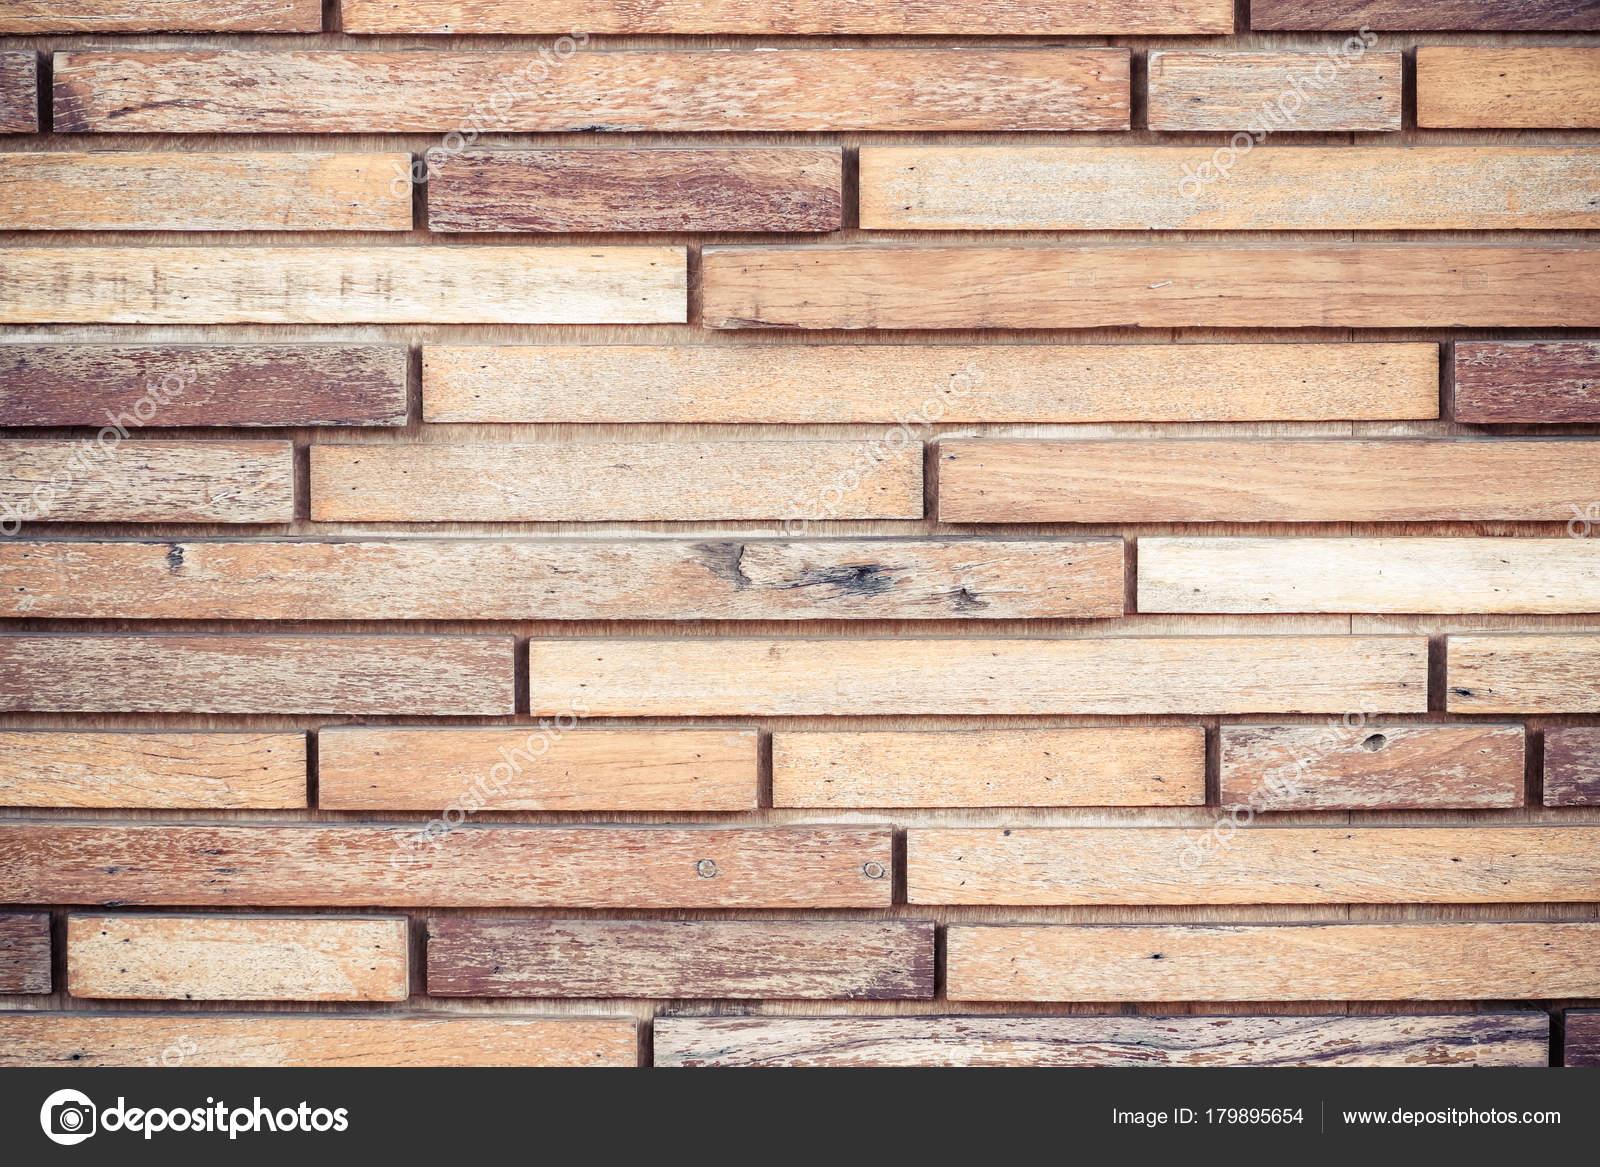 Foto Decoratie Muur.Houten Plank Muur Achtergrond Voor Design Decoratie Stockfoto